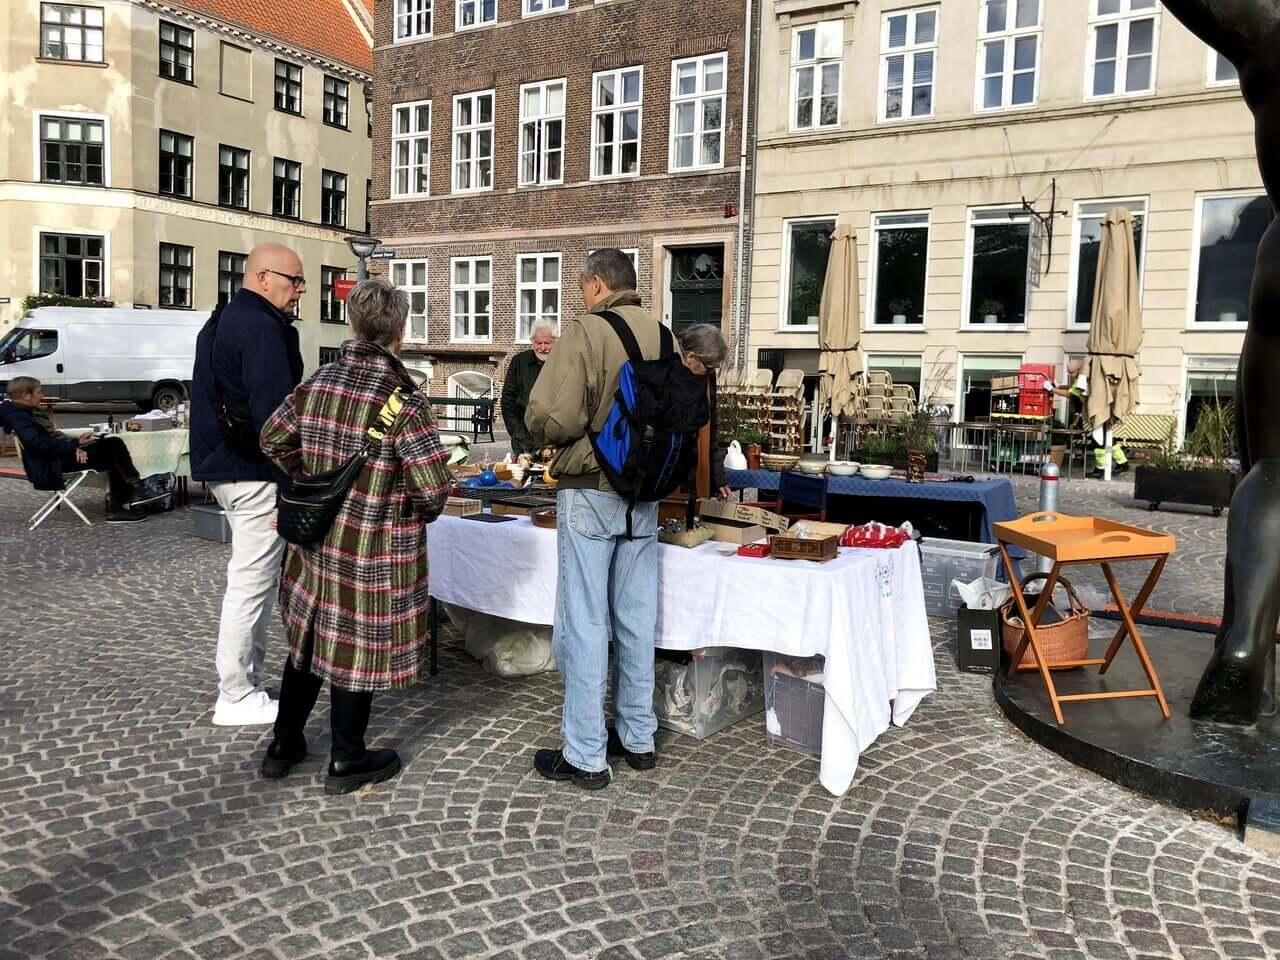 デンマーク最新情報「デンマークに日常をもたらしたe-Boksとは」